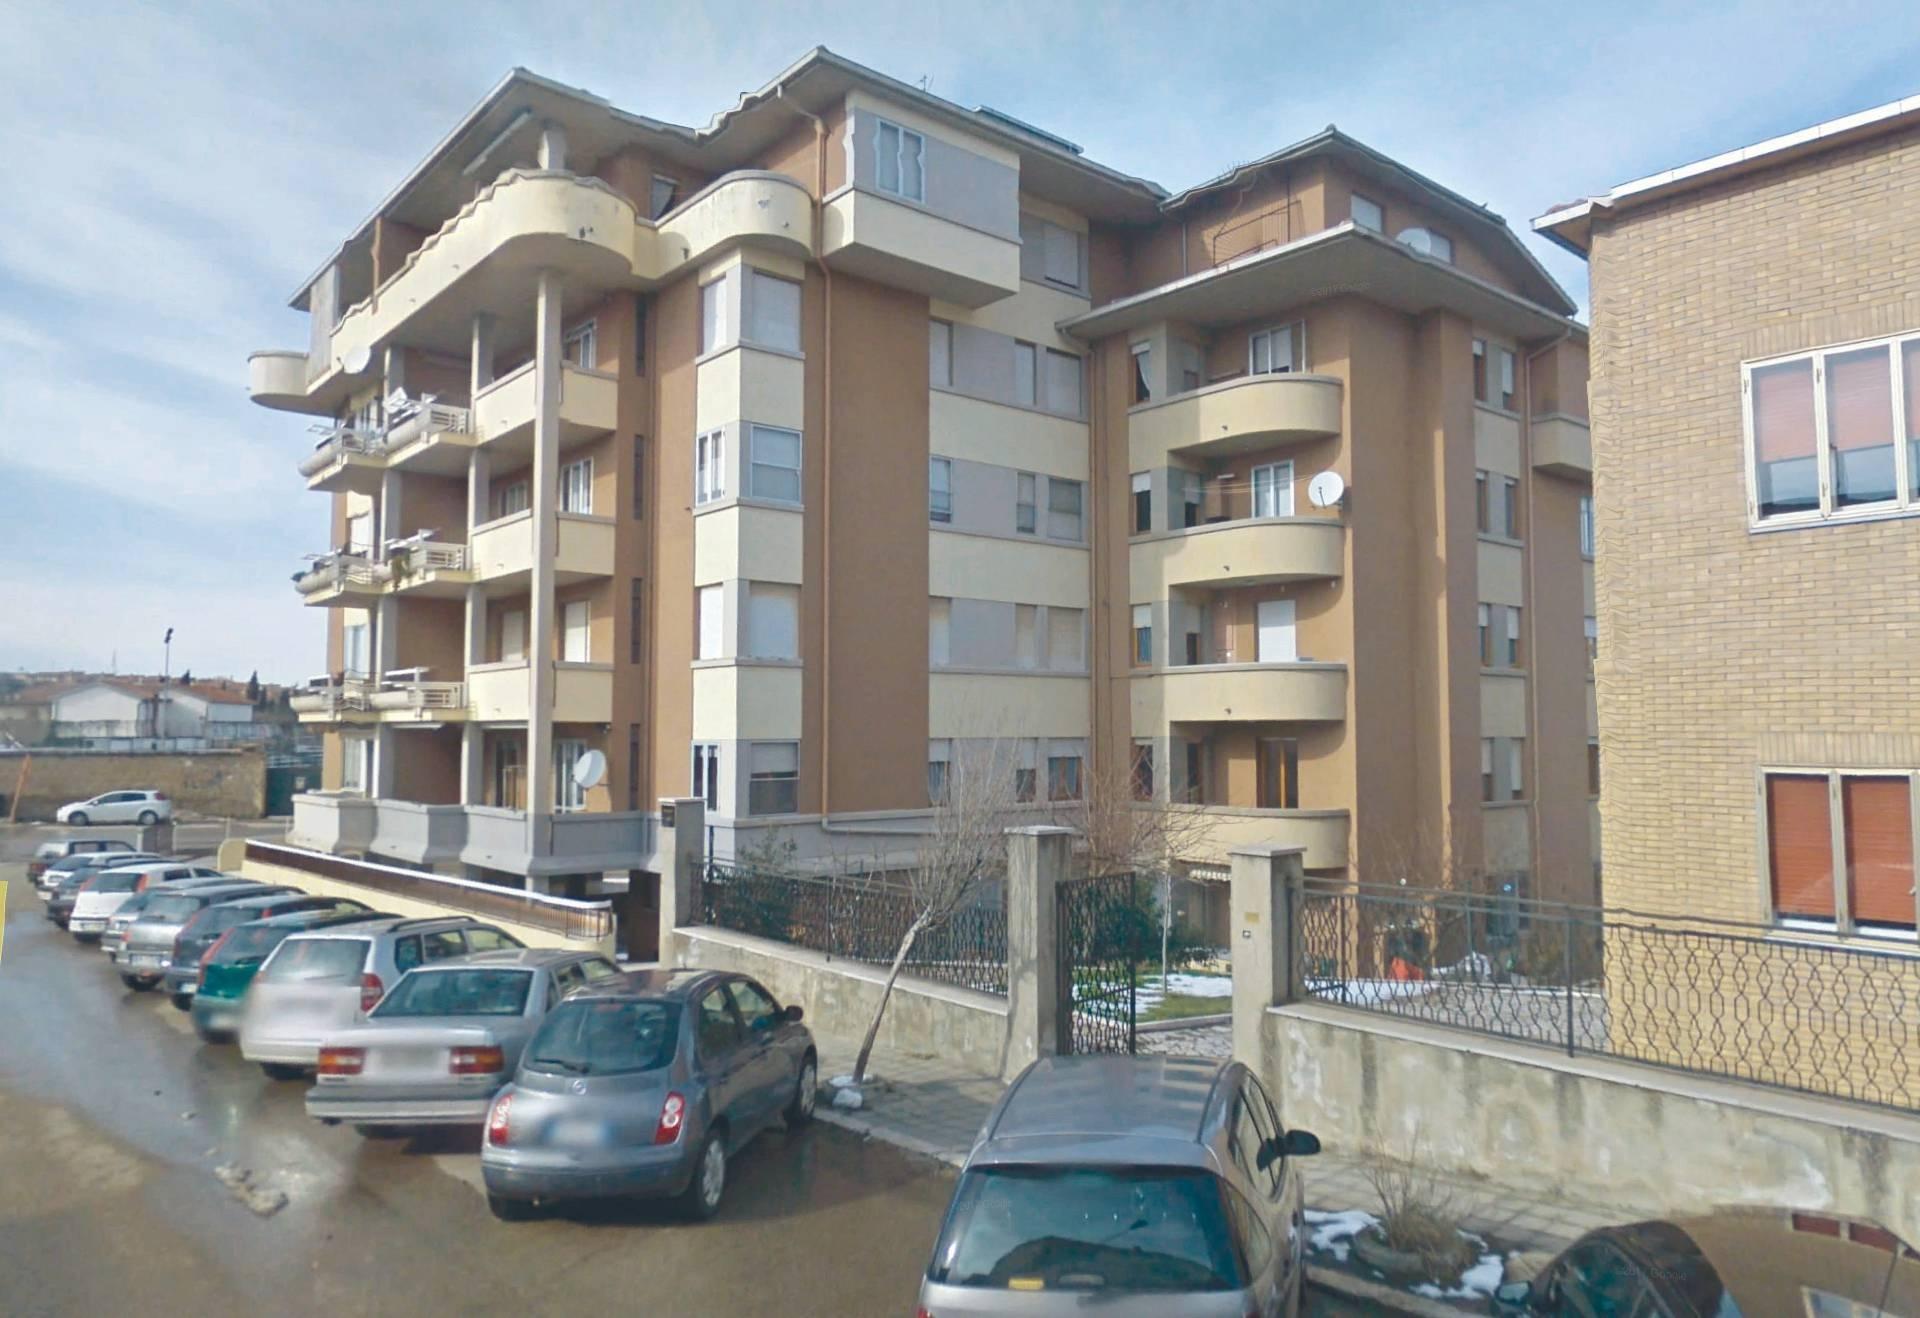 Appartamento in vendita a Larino, 6 locali, prezzo € 138.000 | CambioCasa.it